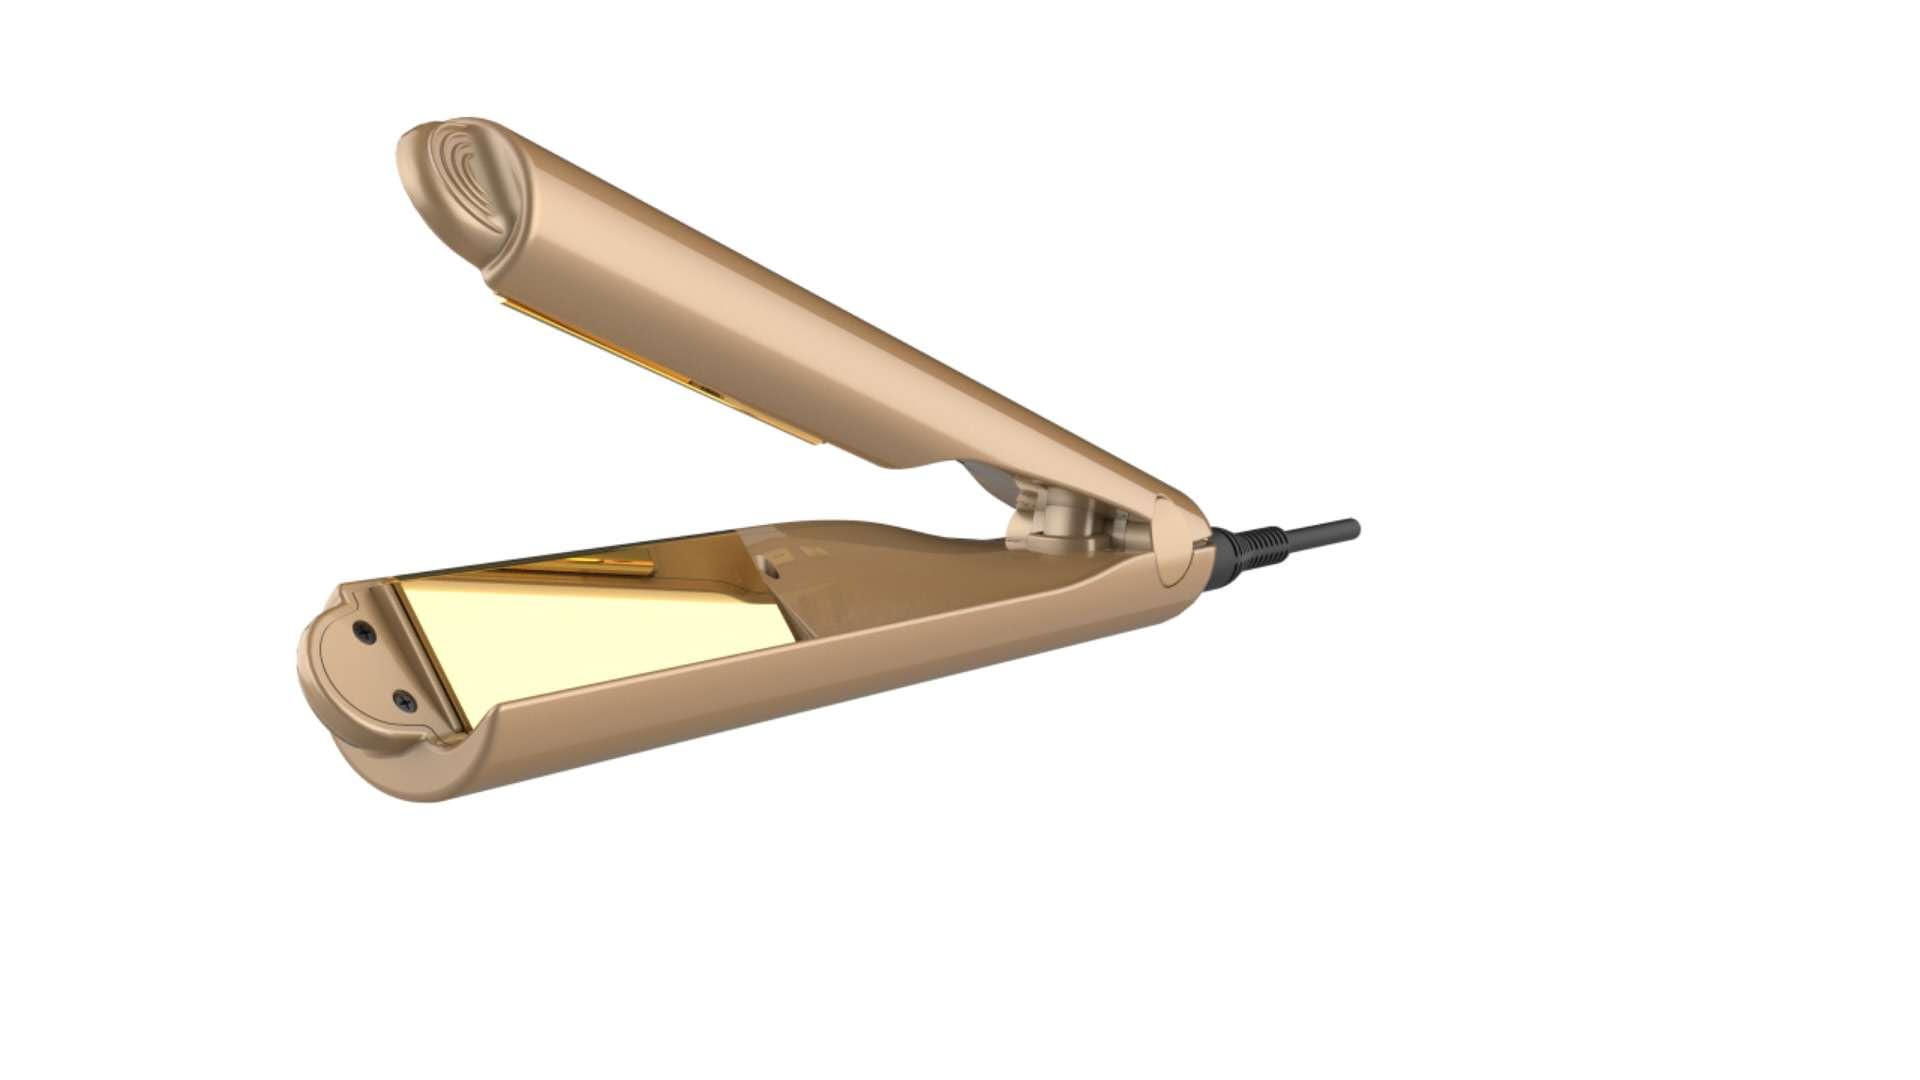 奔杰跨境爆款金色直发器卷发棒直卷两用电夹板直发夹批发